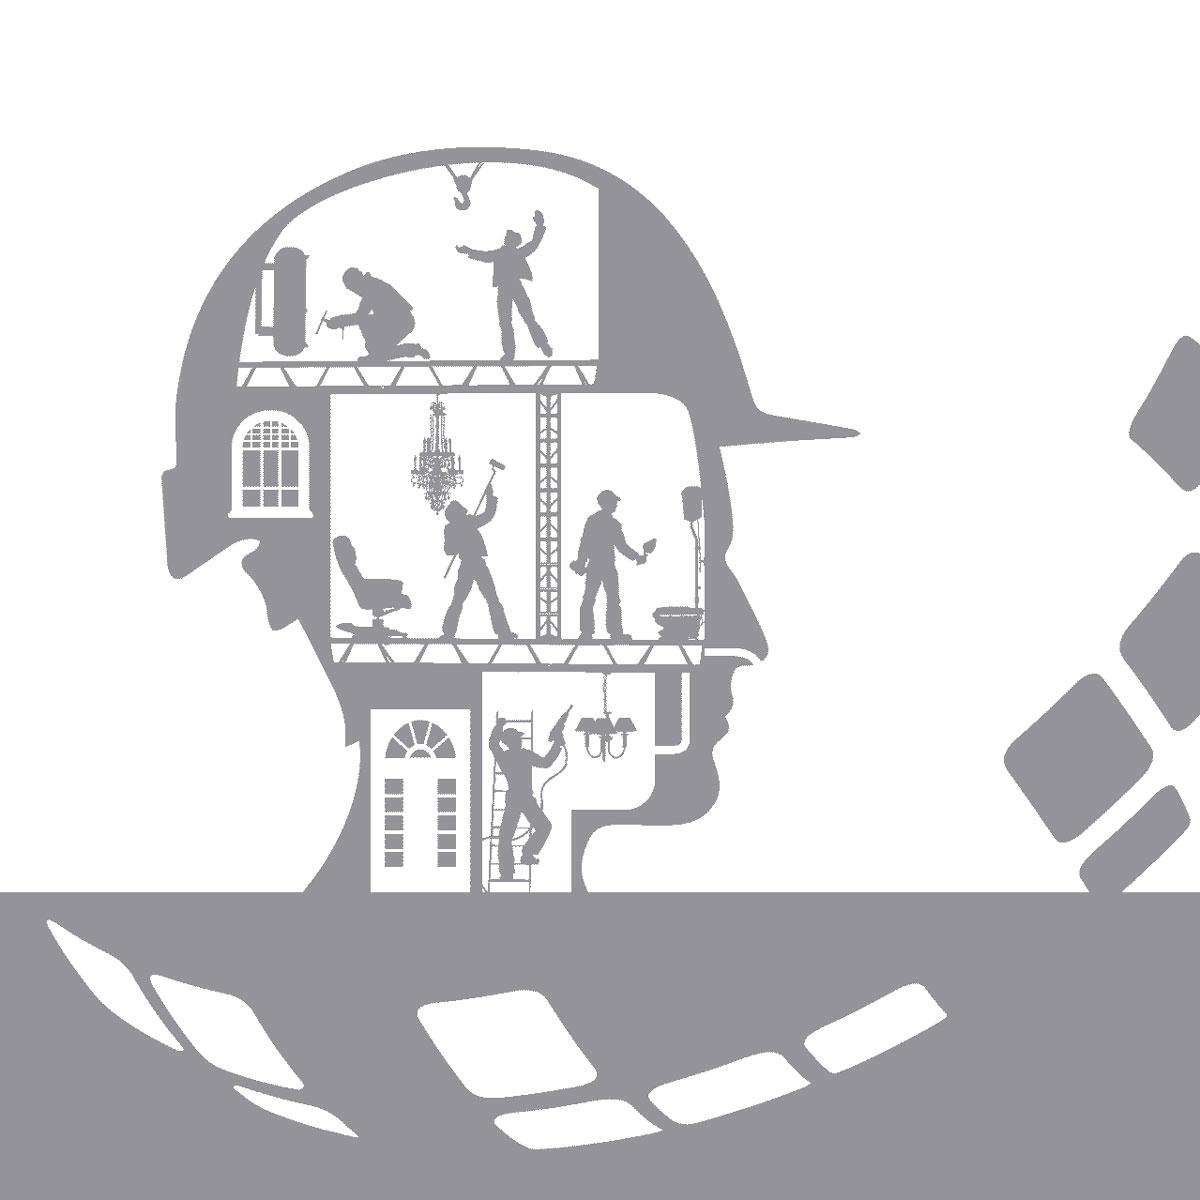 Ein Piktogramm welches einen Kopf mit Arbeitern zeigt, welche fleißig im Kopf mit Baustellenhelm arbeiten. Der Kopf ist wie ein Haus, mit Tür und Fenster.